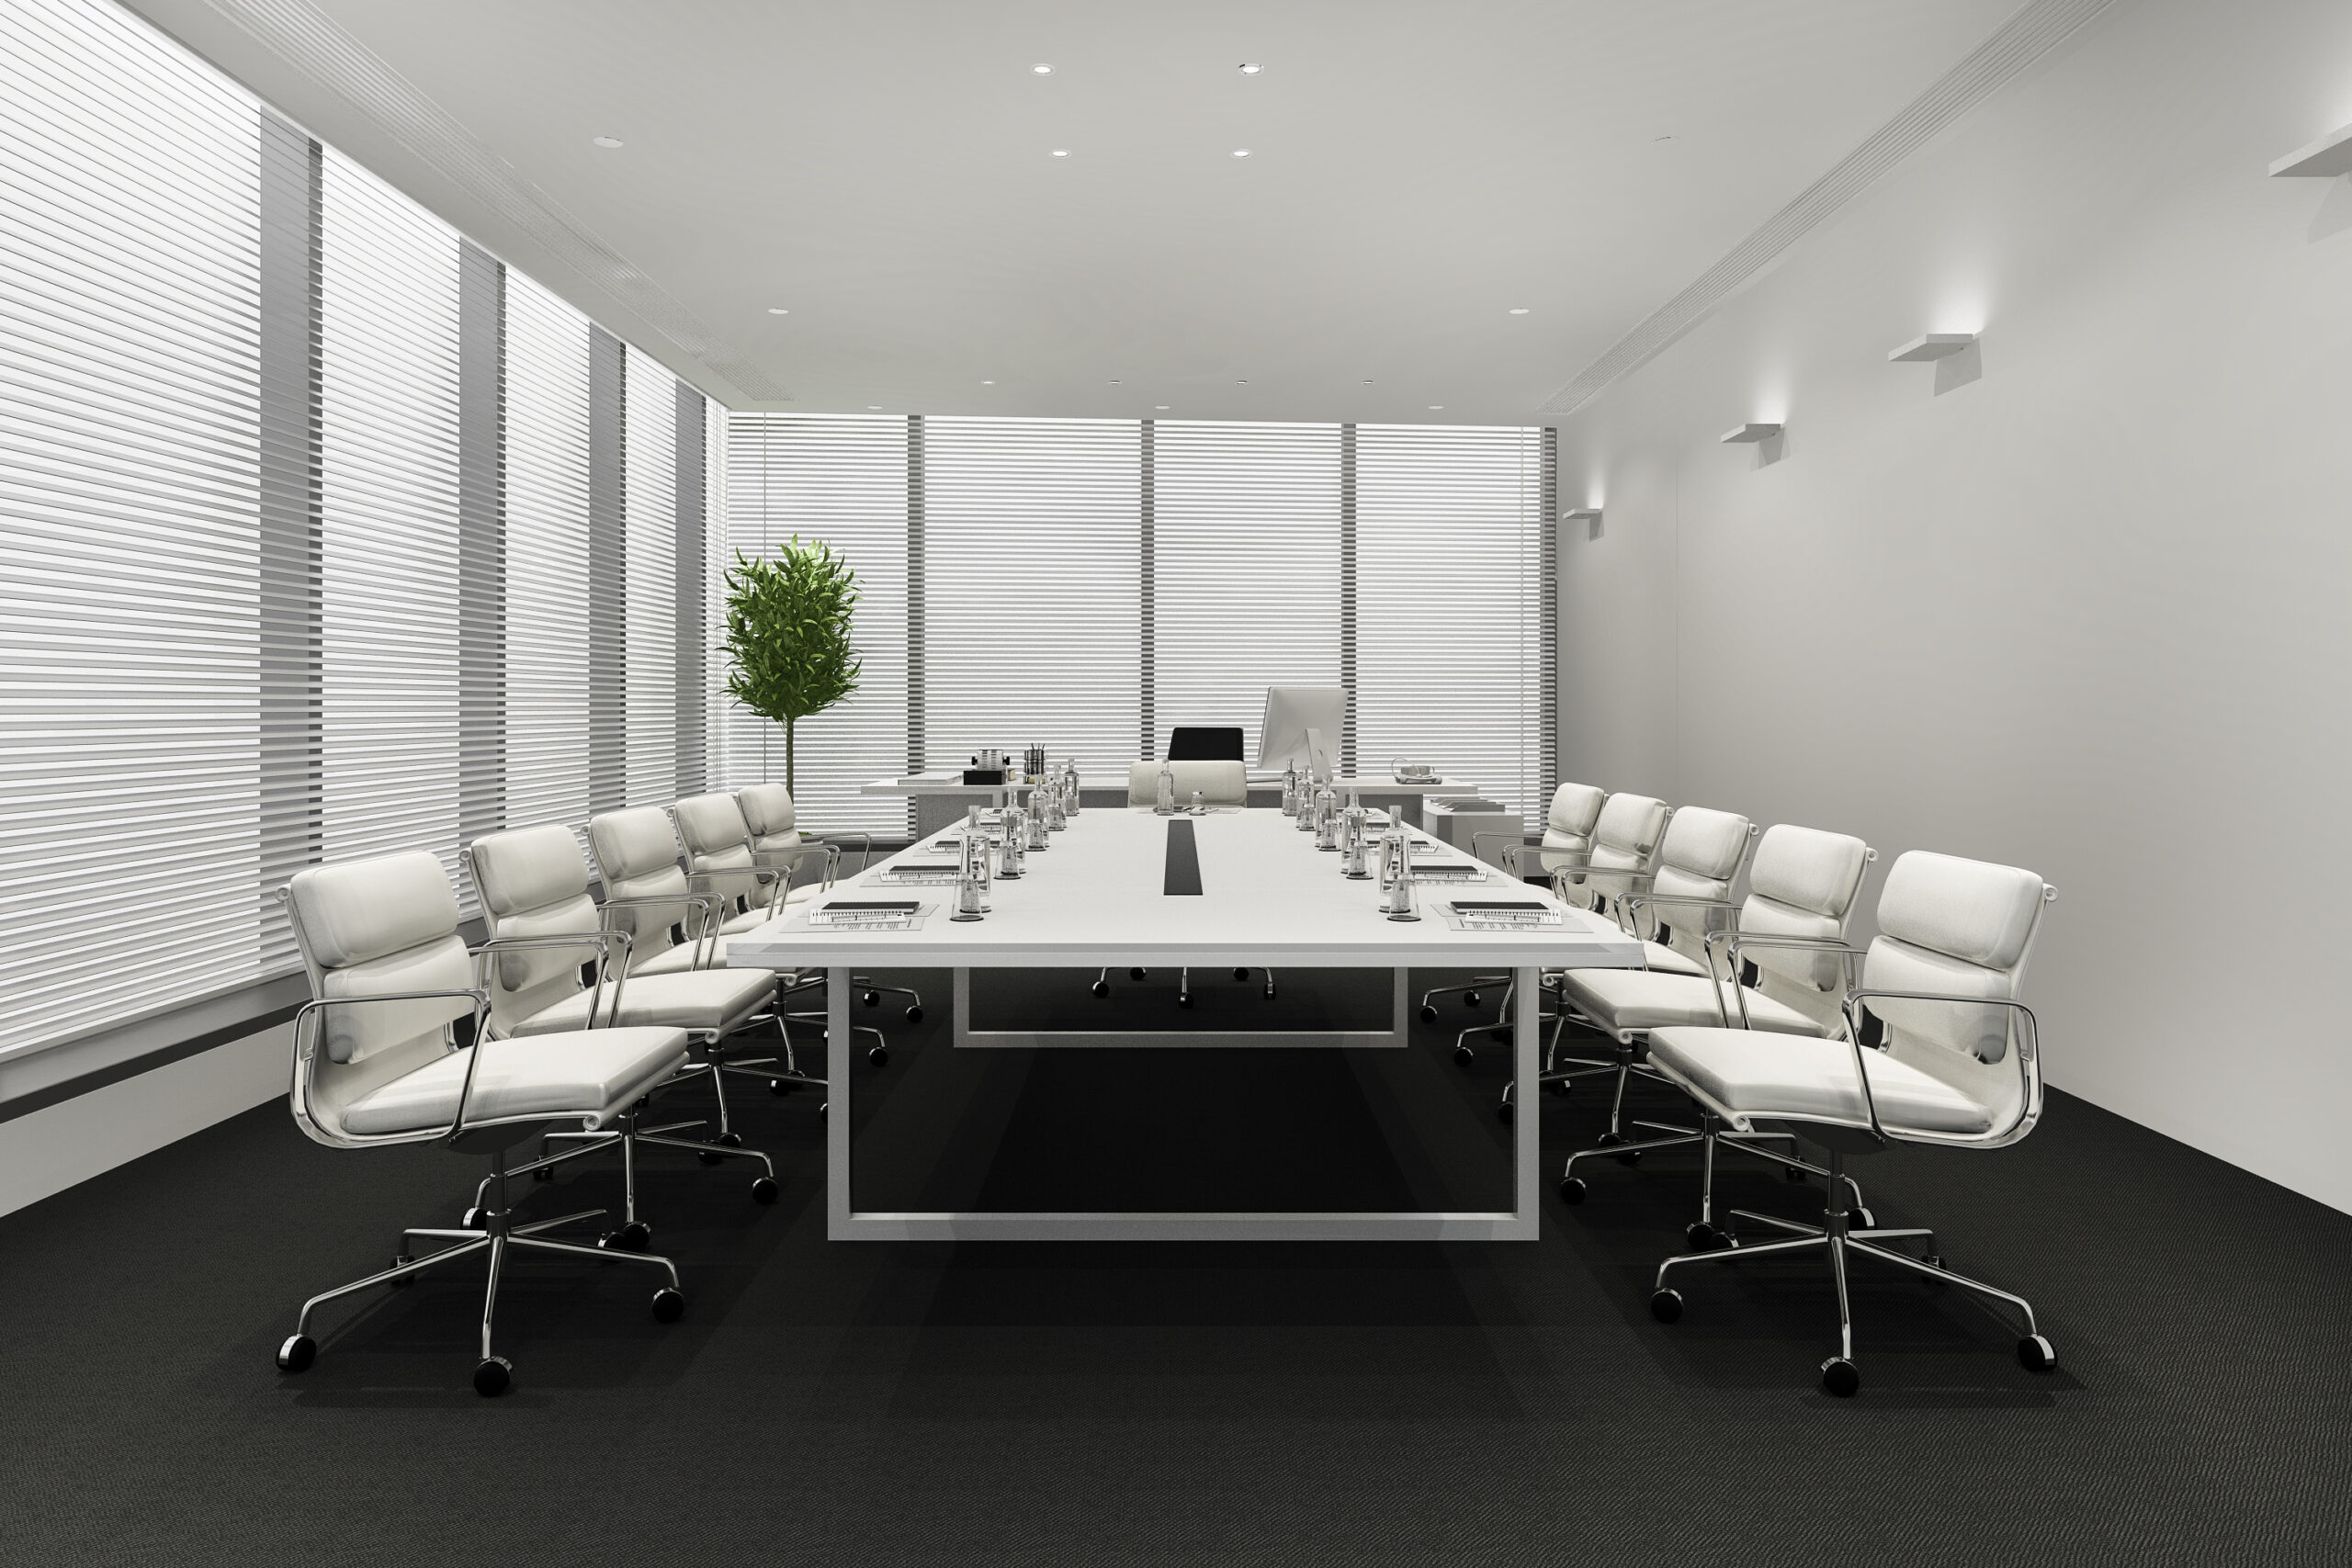 แผ่นซับเสียง ห้องประชุม